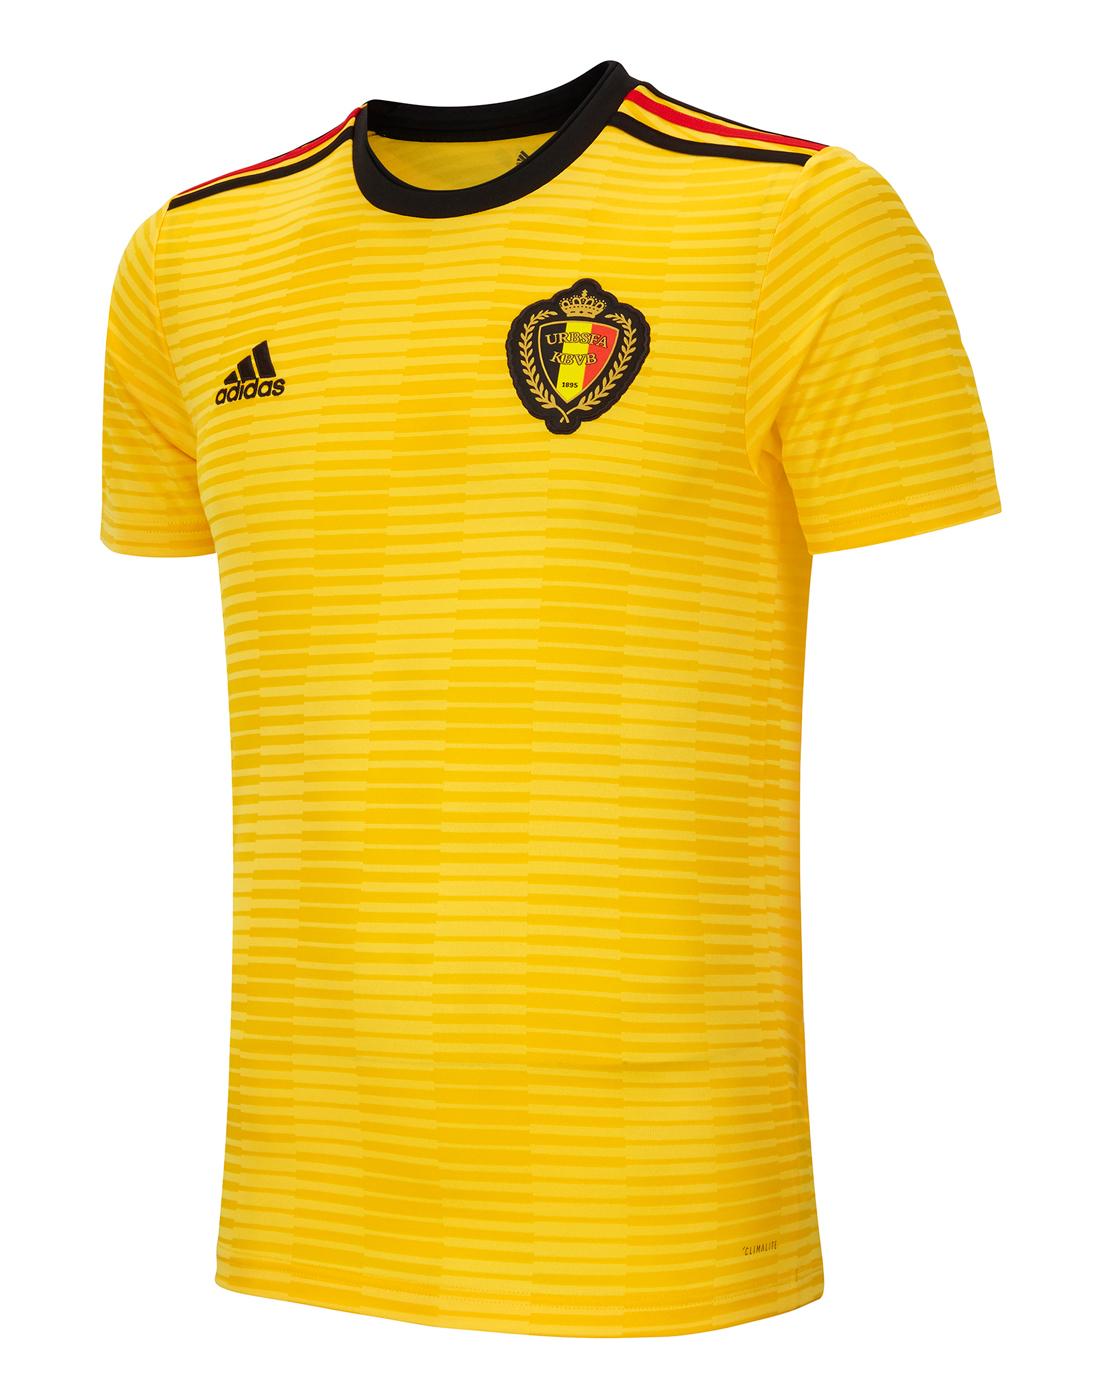 95b189bcc Adult Belgium WC18 Away Jersey · Adult Belgium WC18 Away Jersey ...